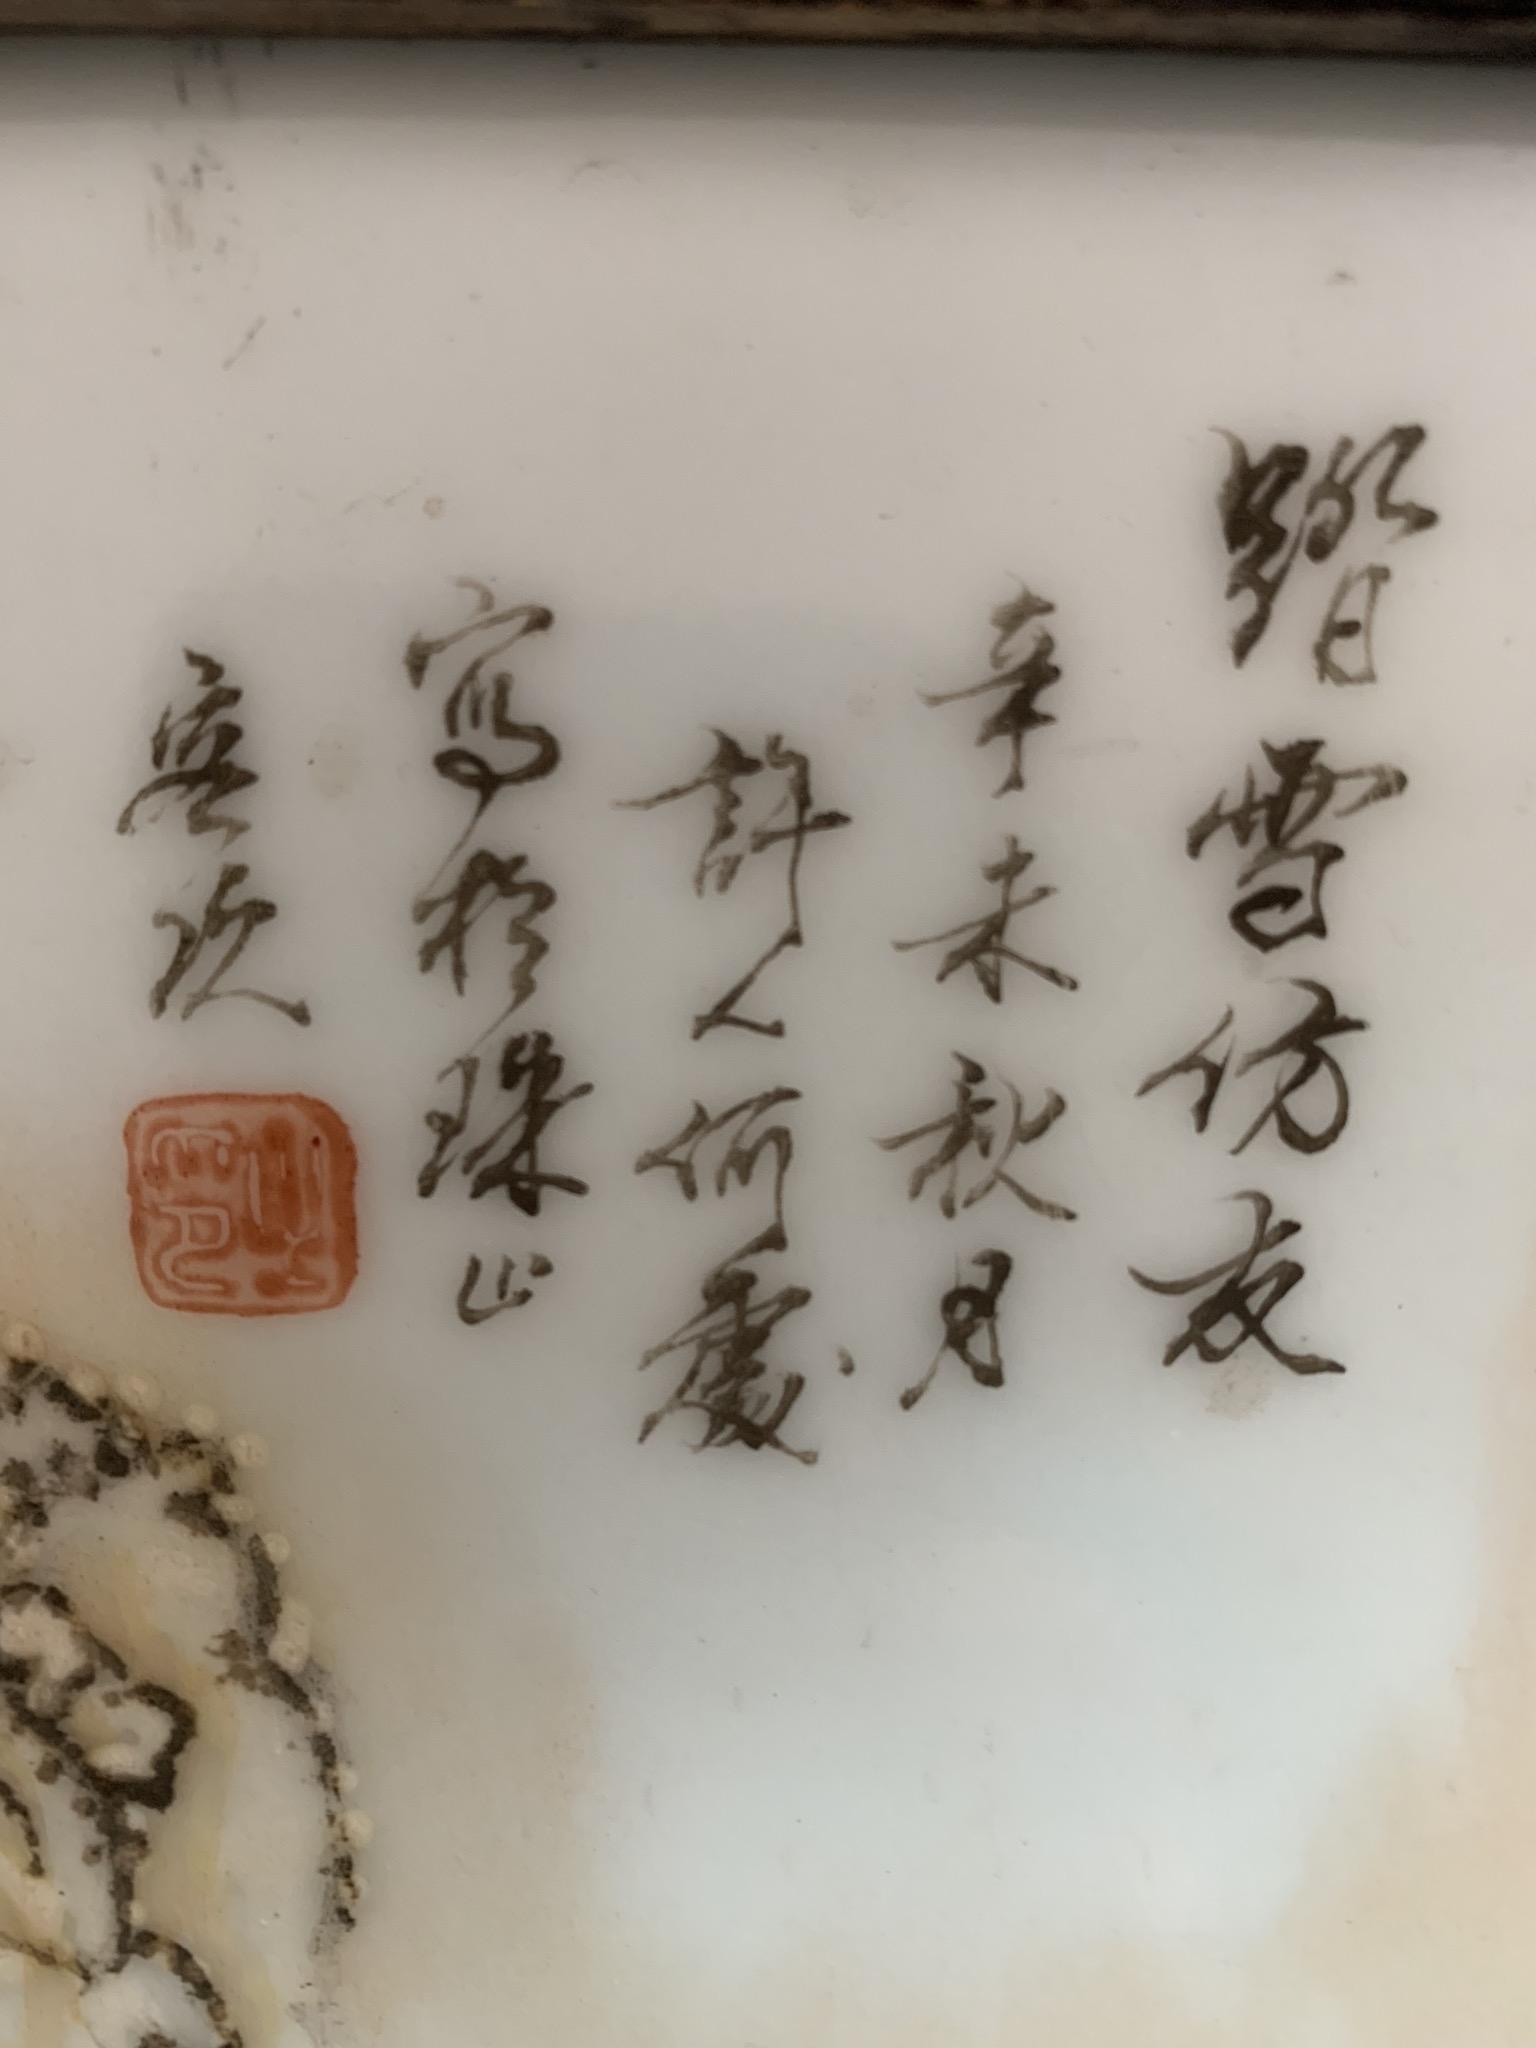 私人博物馆 梧桐深苑瓷器馆